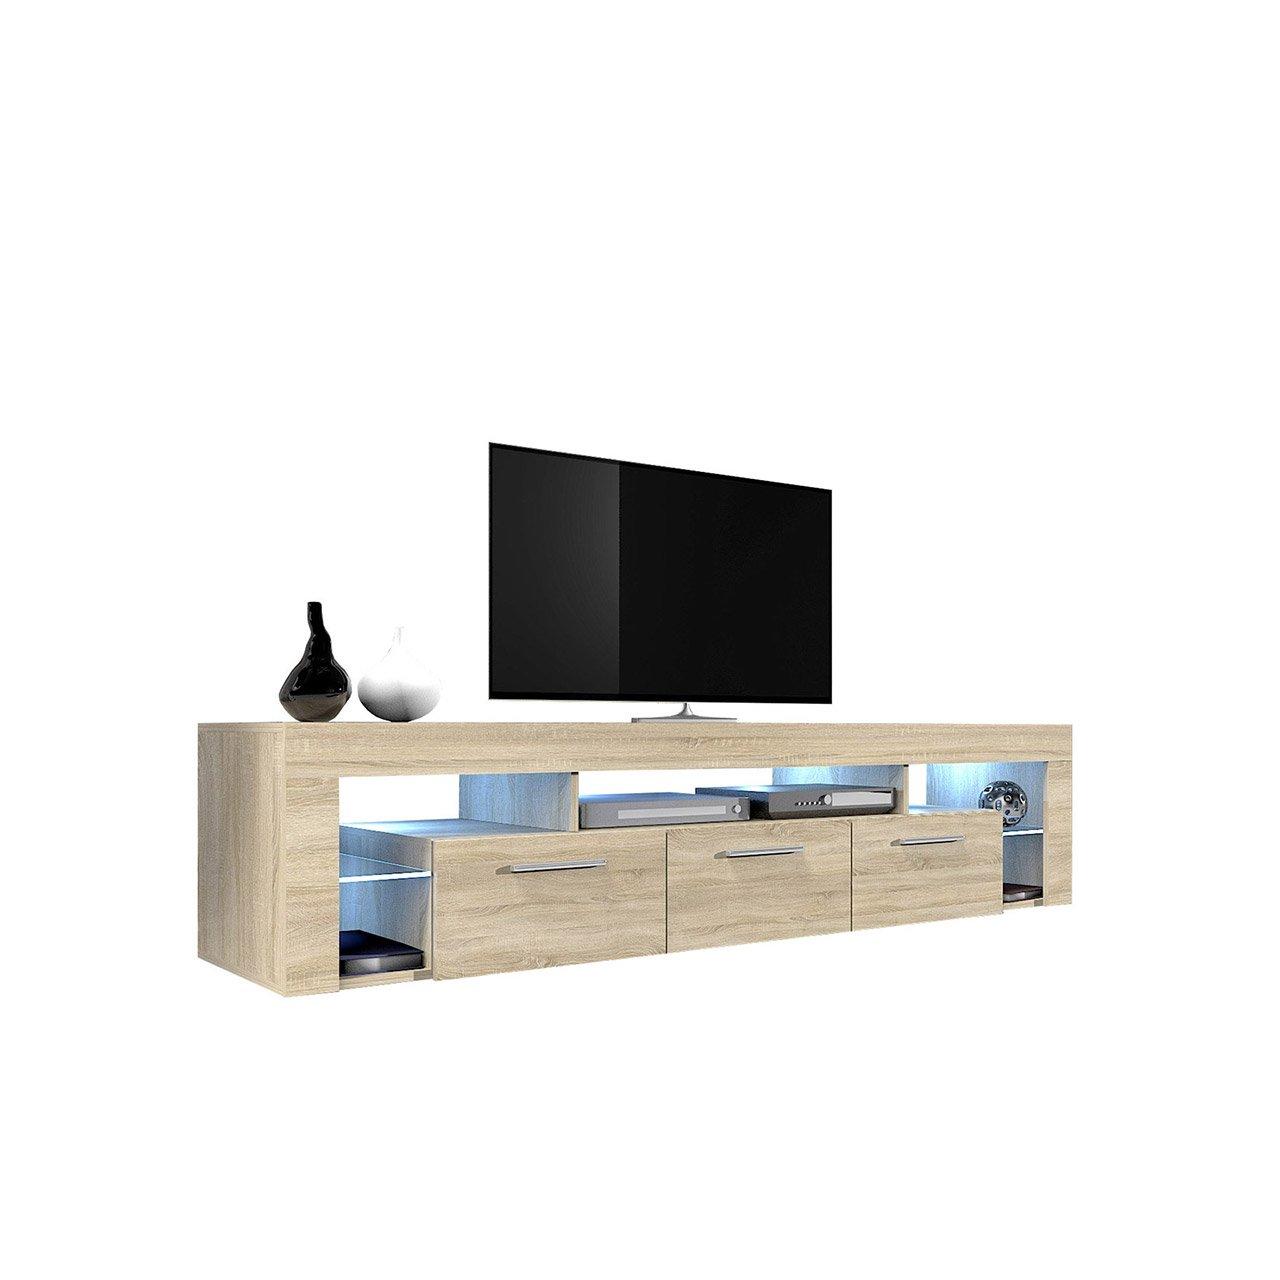 Mirjan24  TV Schrank Magnum, Unterschrank, Fernsehschrank, TV Lowboard, Fernsehtisch, TV Möbel, TV Board (Sonoma Eiche/Sonoma Eiche, mit Blauer LED Beleuchtung)